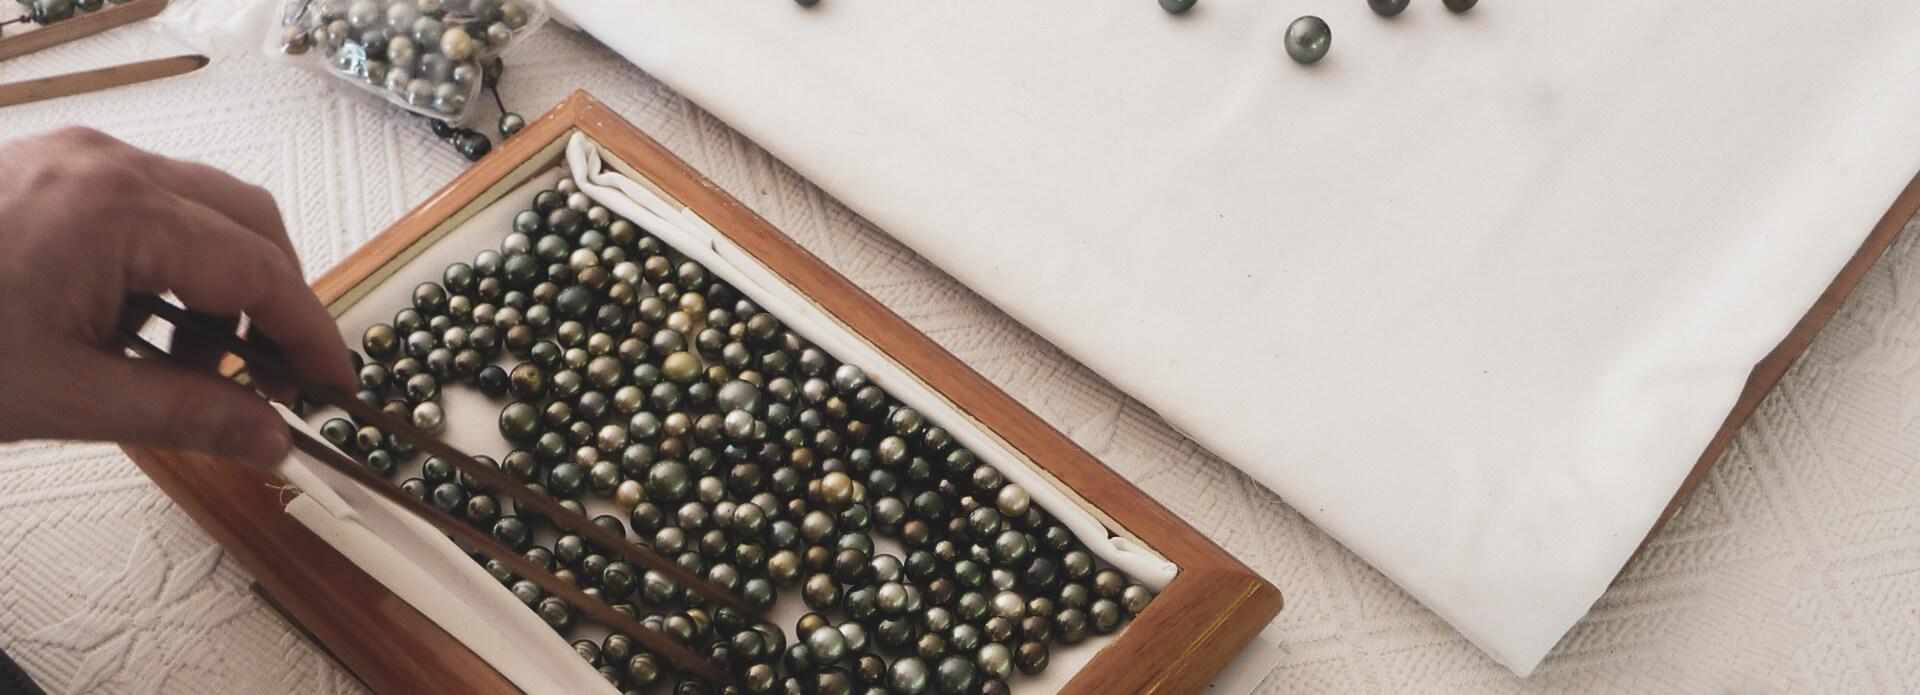 Loose Tahitian Pearls